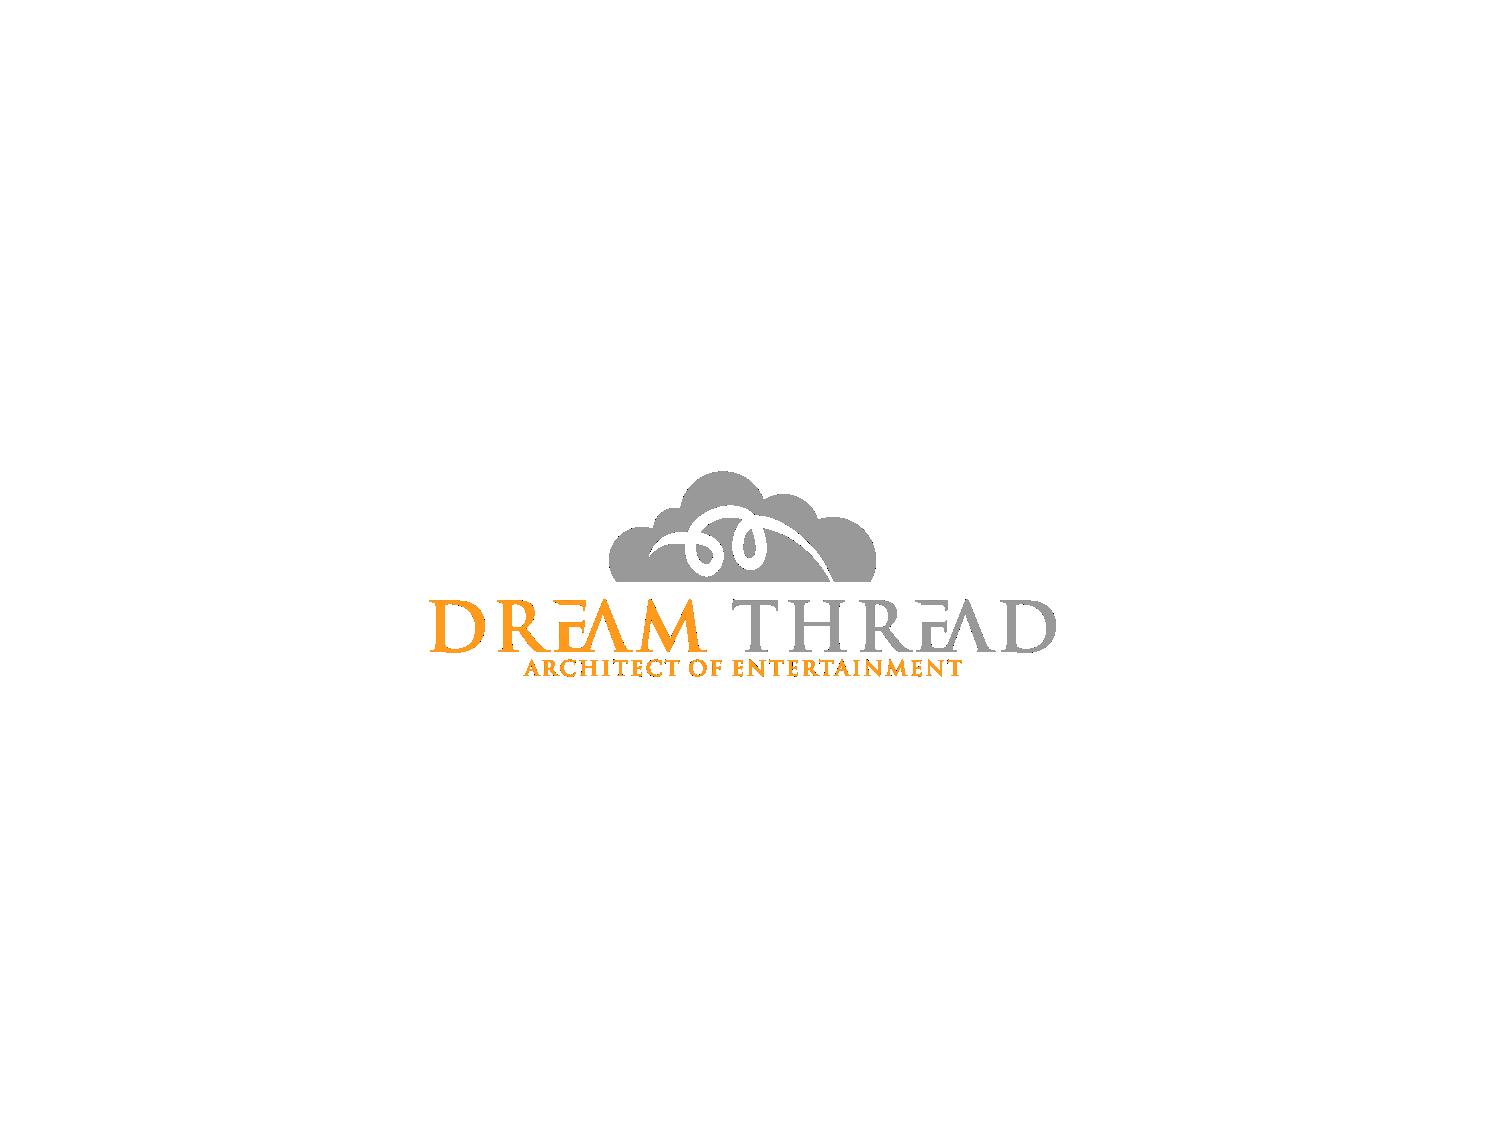 """""""Dream Thread""""というロゴがエンターテイメントのデザイン能力と、技術力を両方兼ね備えているイメージをデザインして下さい"""